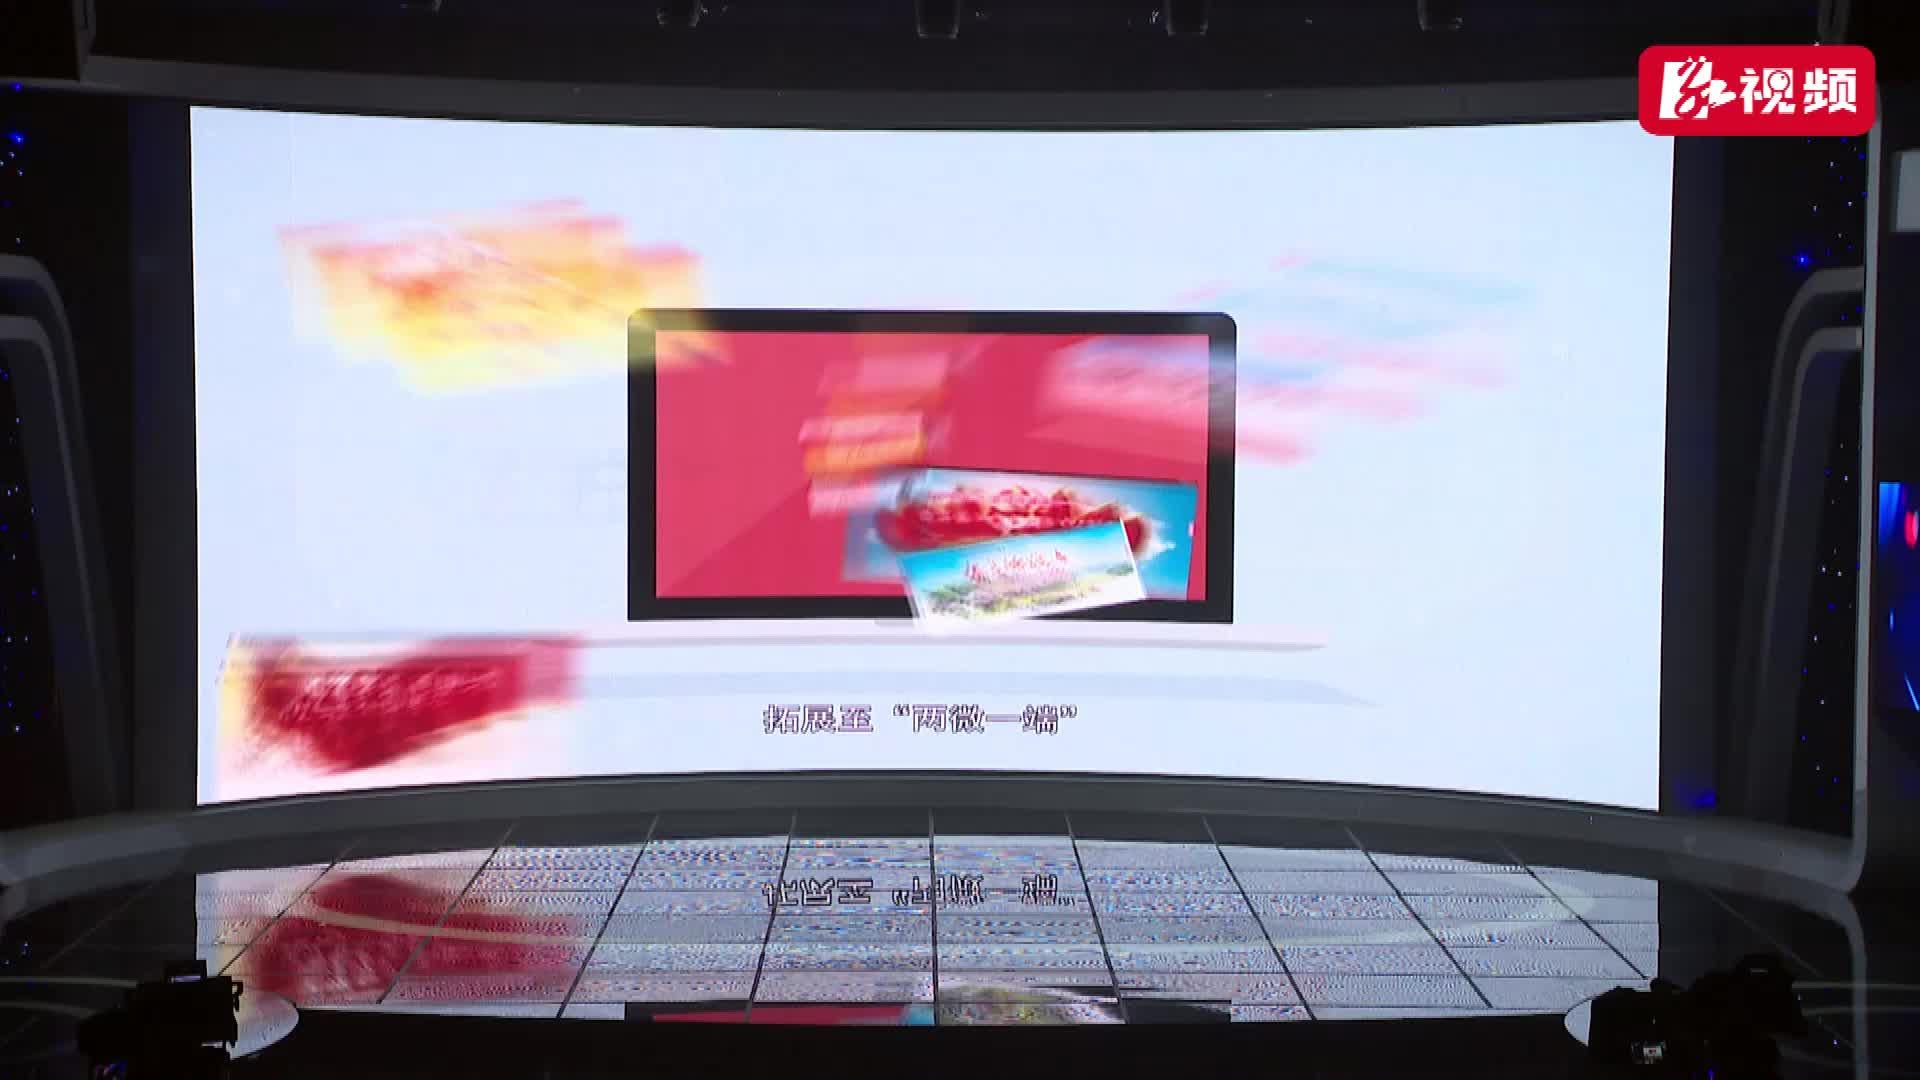 【直播回放】2019网上群众工作高峰论坛暨红网智库挂牌仪式(1)